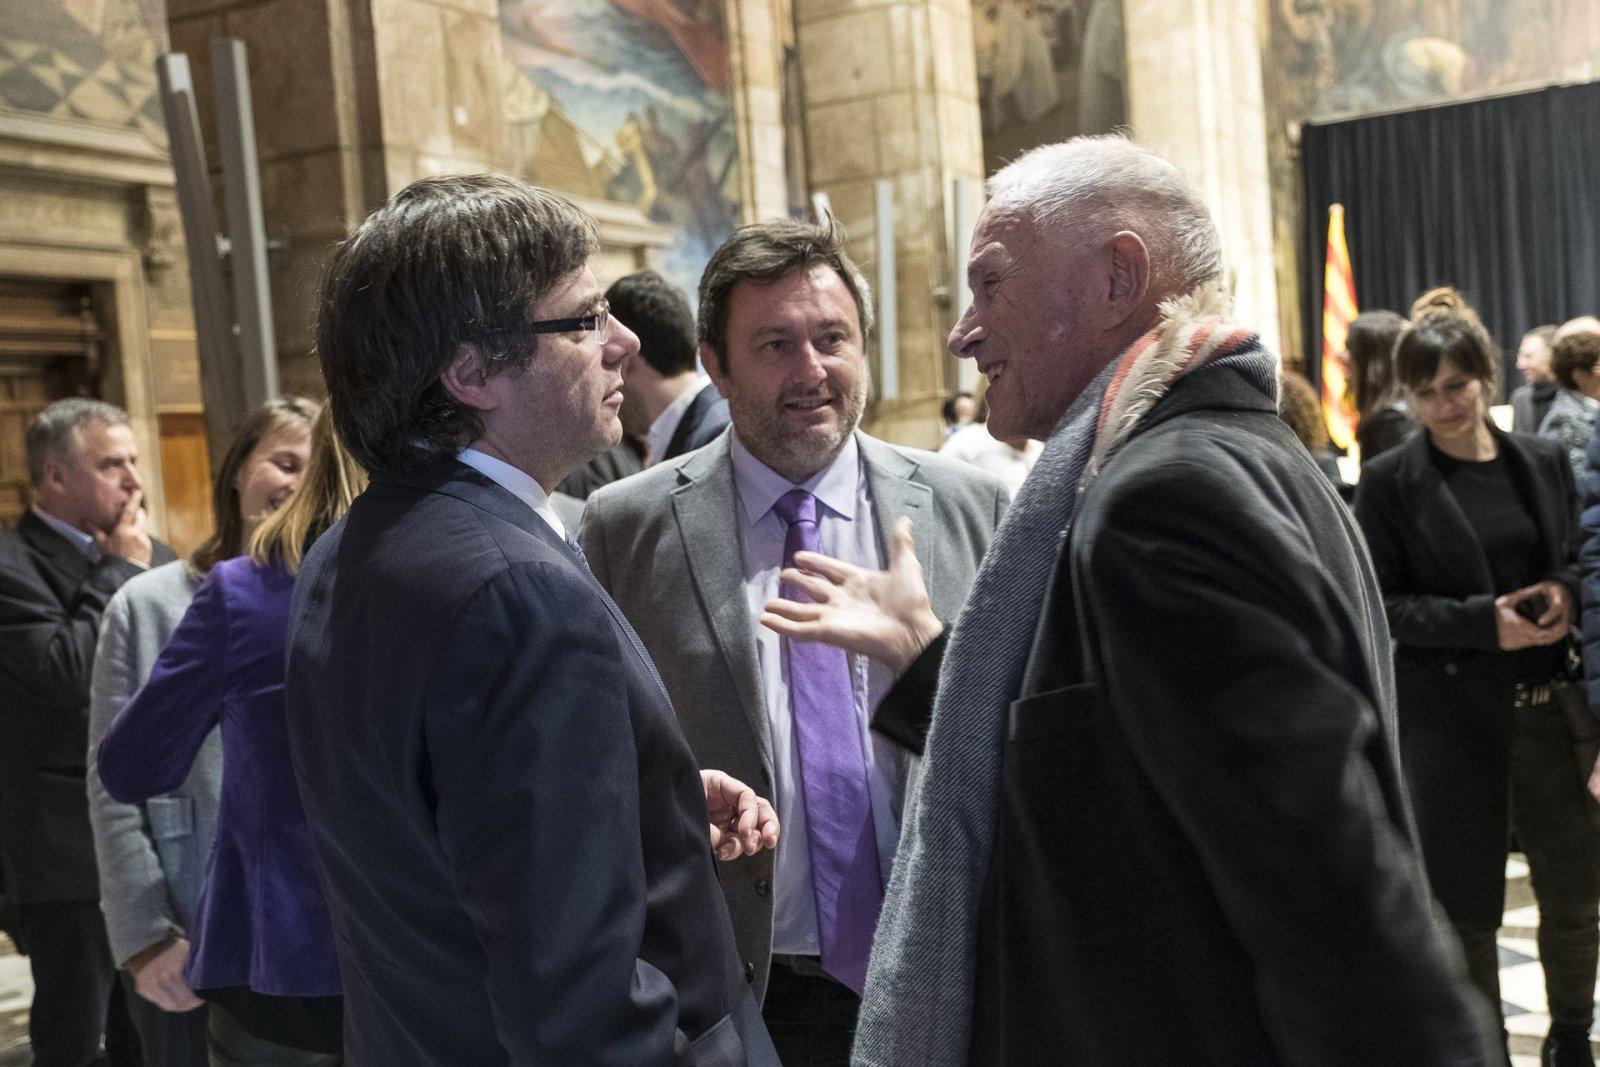 El president Puigdemont, l'editor de Vadevi.cat Salvador Cot en una conversa distesa amb els cellers premiats